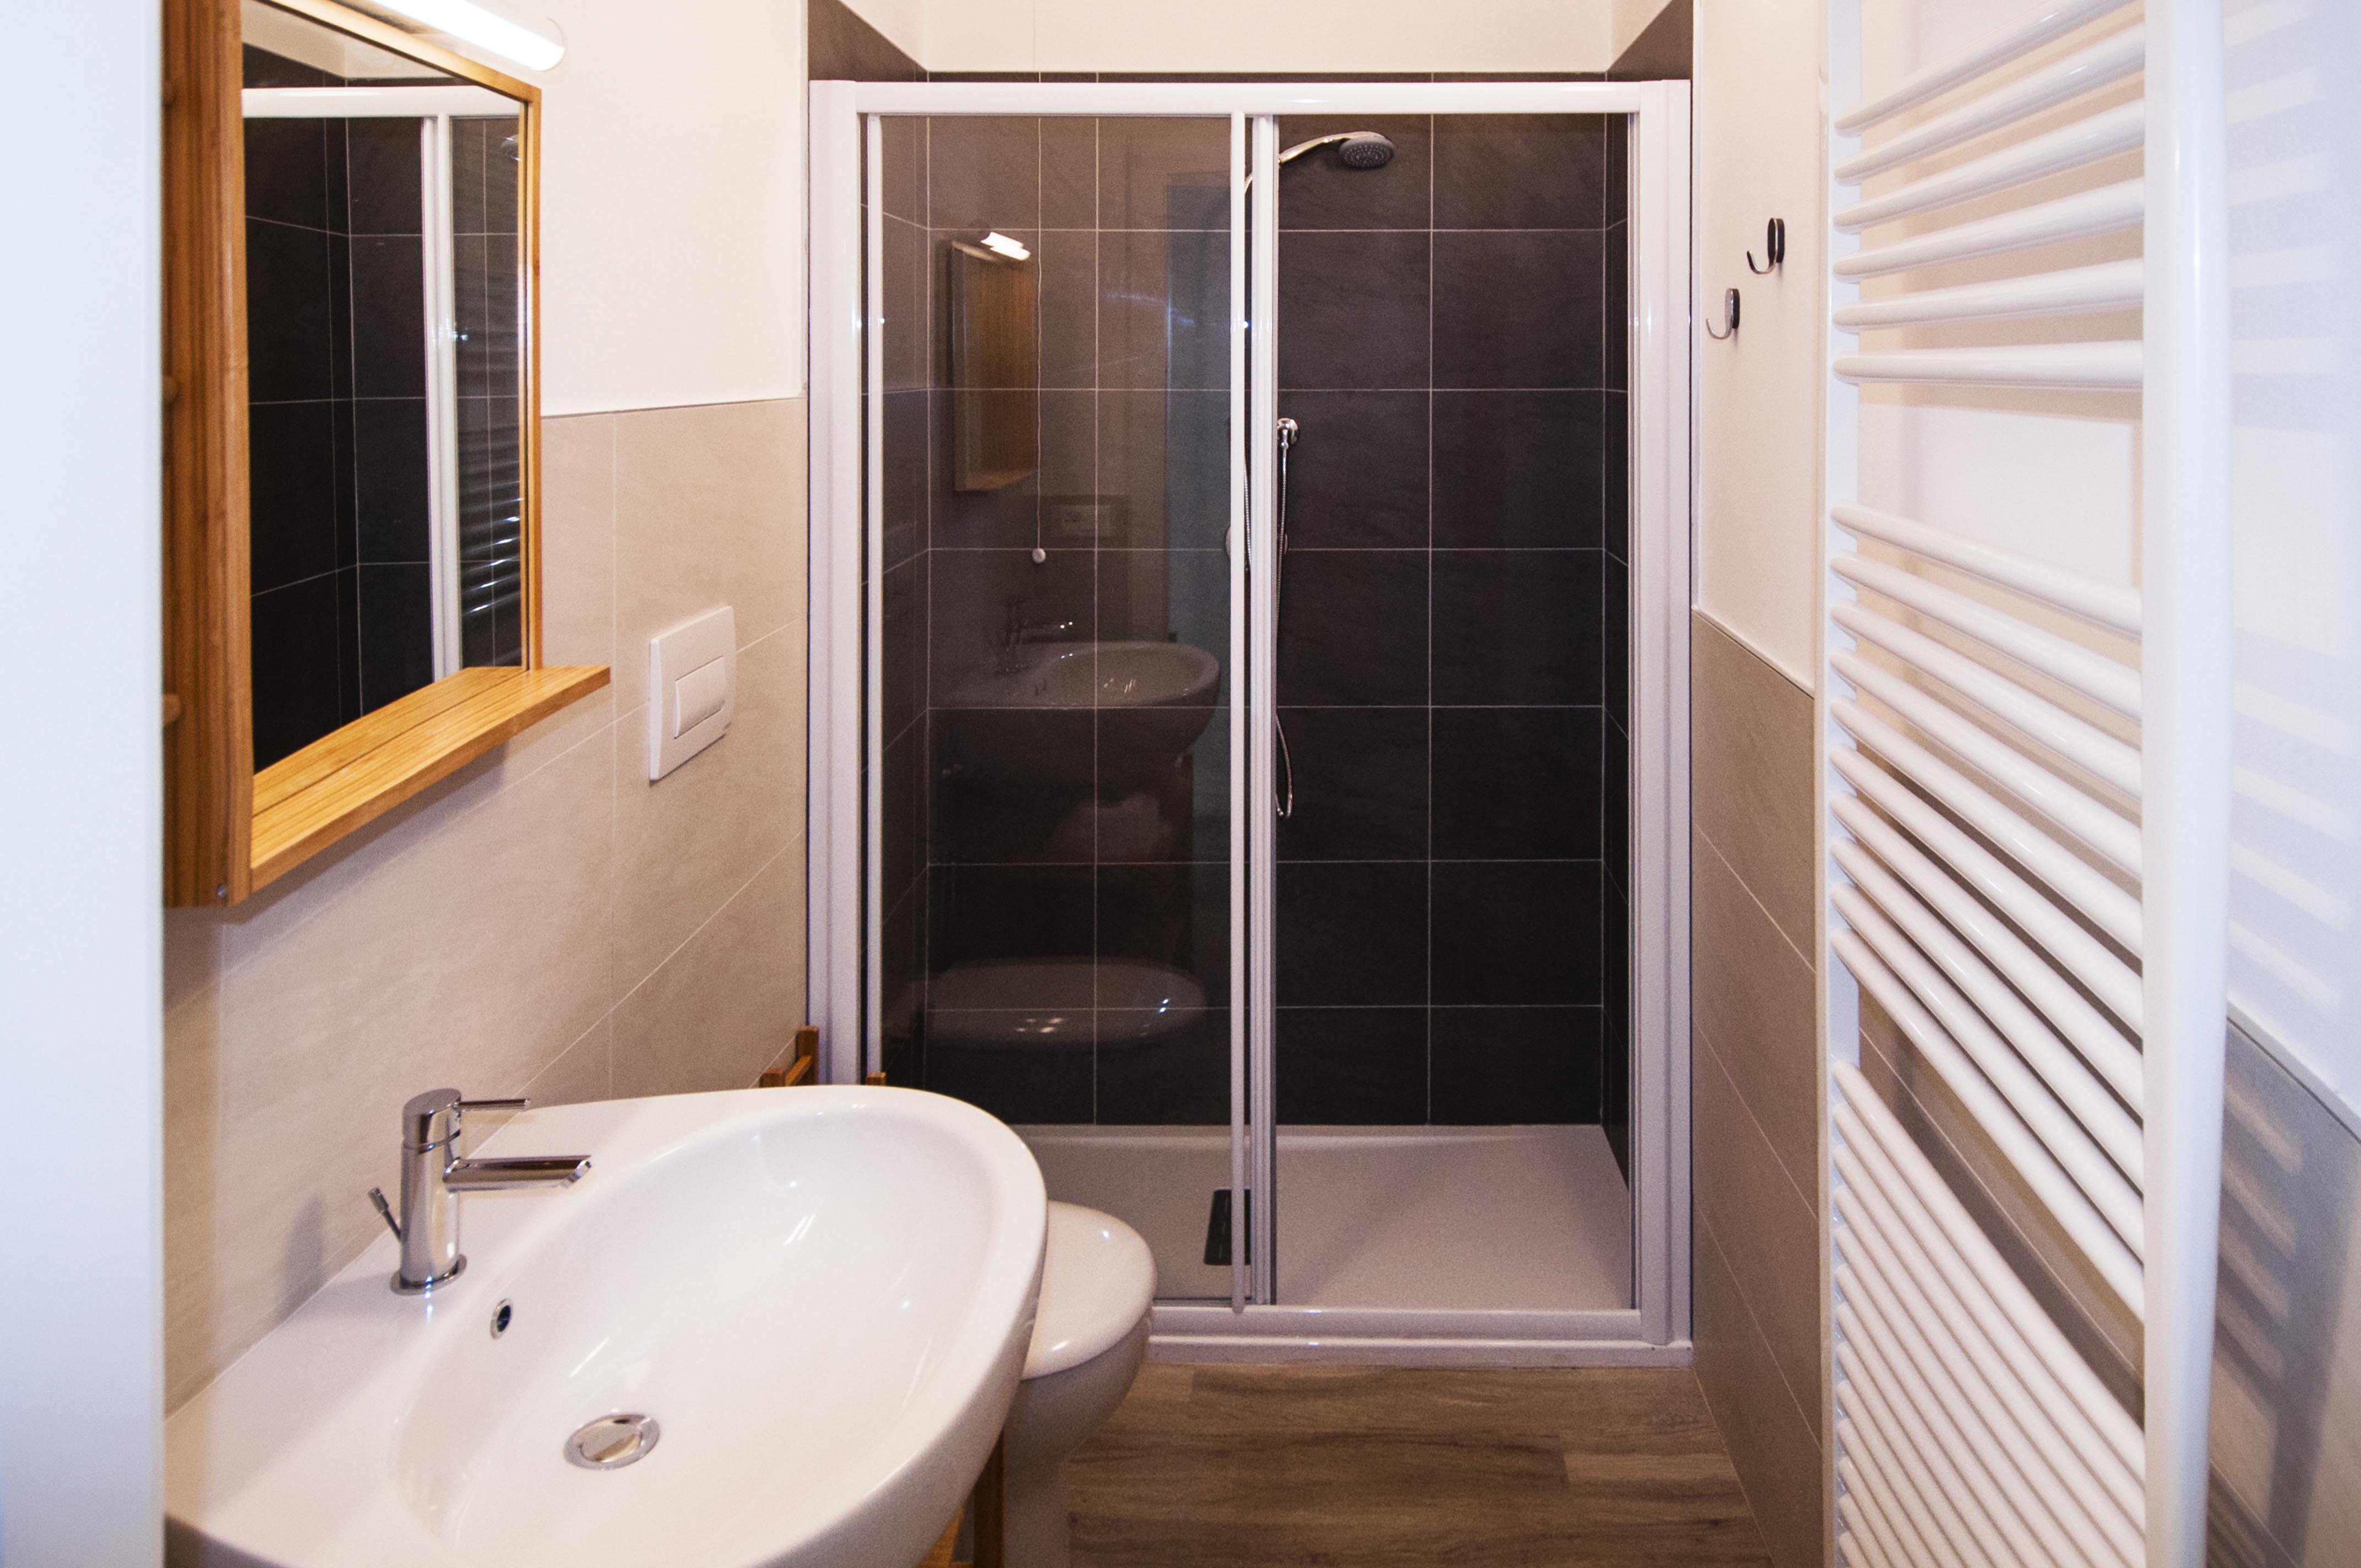 Camere in Affitto Treviso - Studio Architettura Zanatta 11